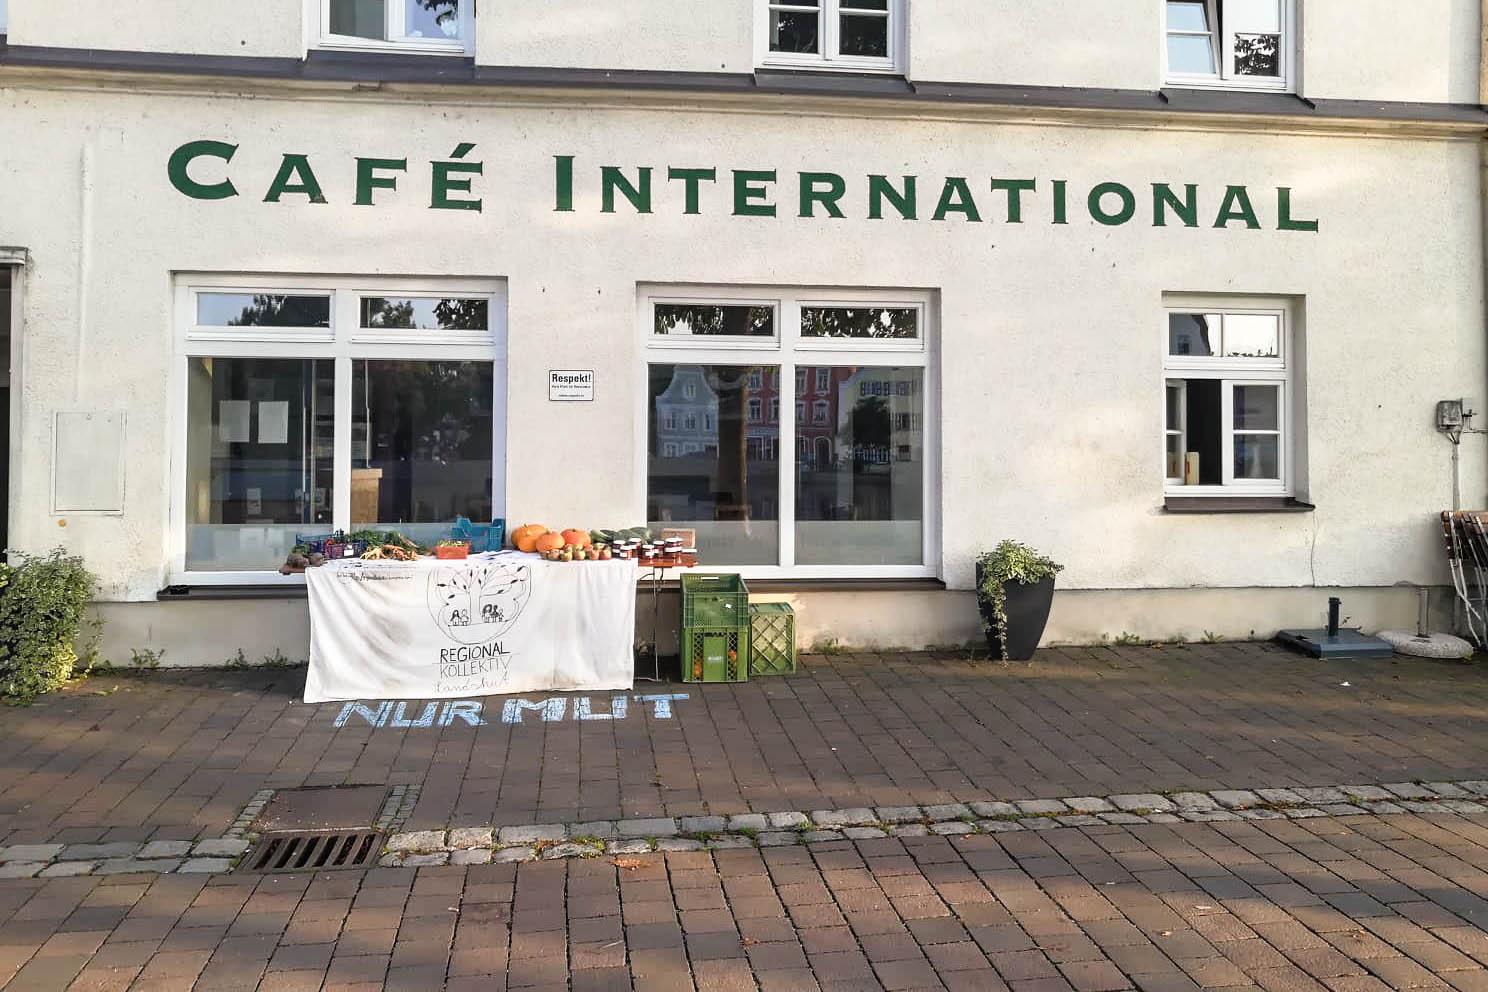 """Hausfront mit dem Café International, vor den Fenstern des Cafés ein Tisch mit Gemüse und einem Banner """"Regionalkollektiv"""""""